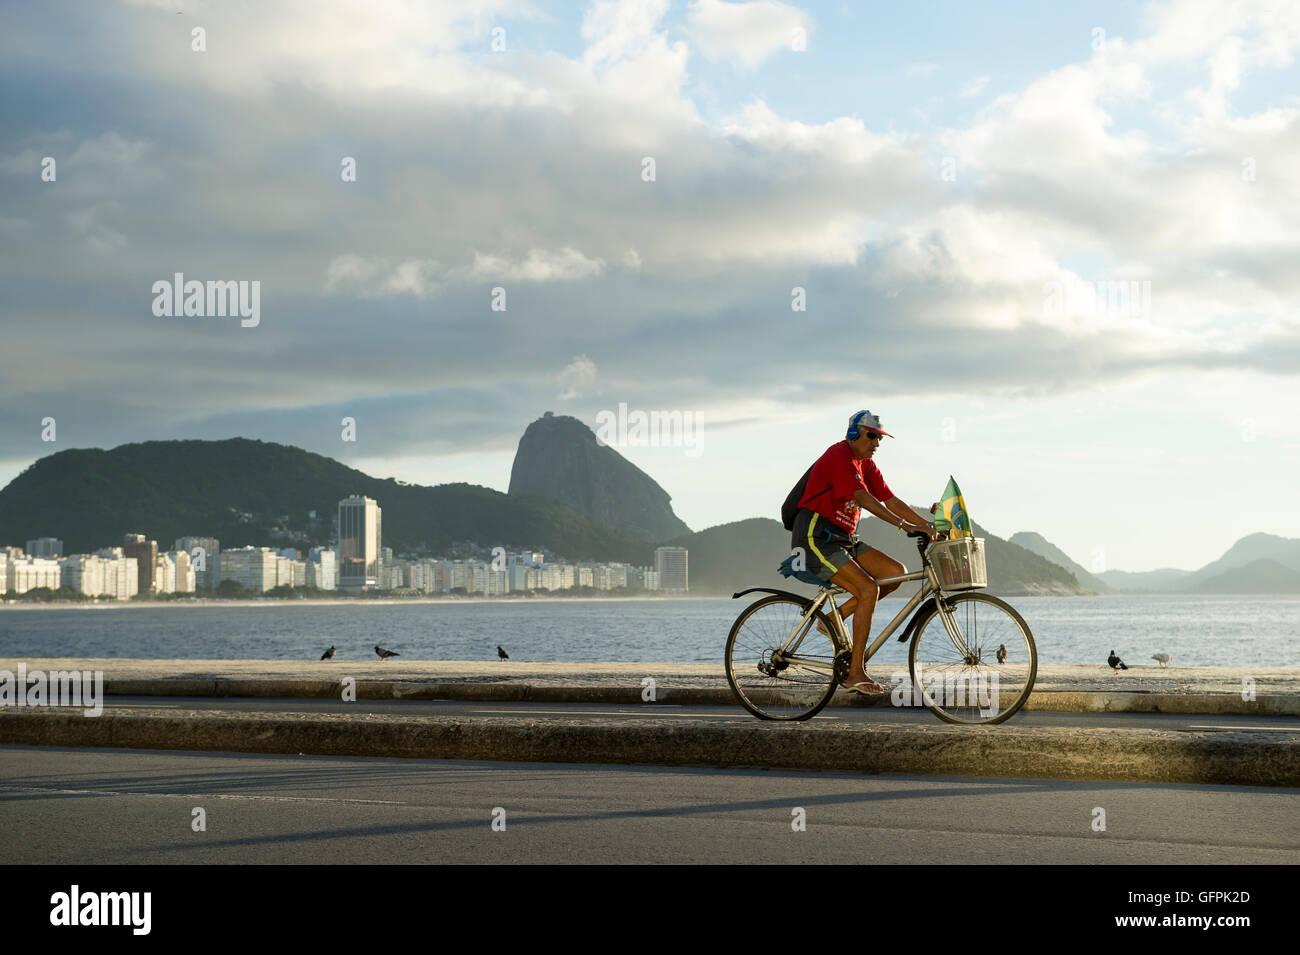 RIO DE JANEIRO - 20. März 2016: Ein brasilianischer Mann fährt Fahrrad mit der brasilianischen Flagge Stockbild